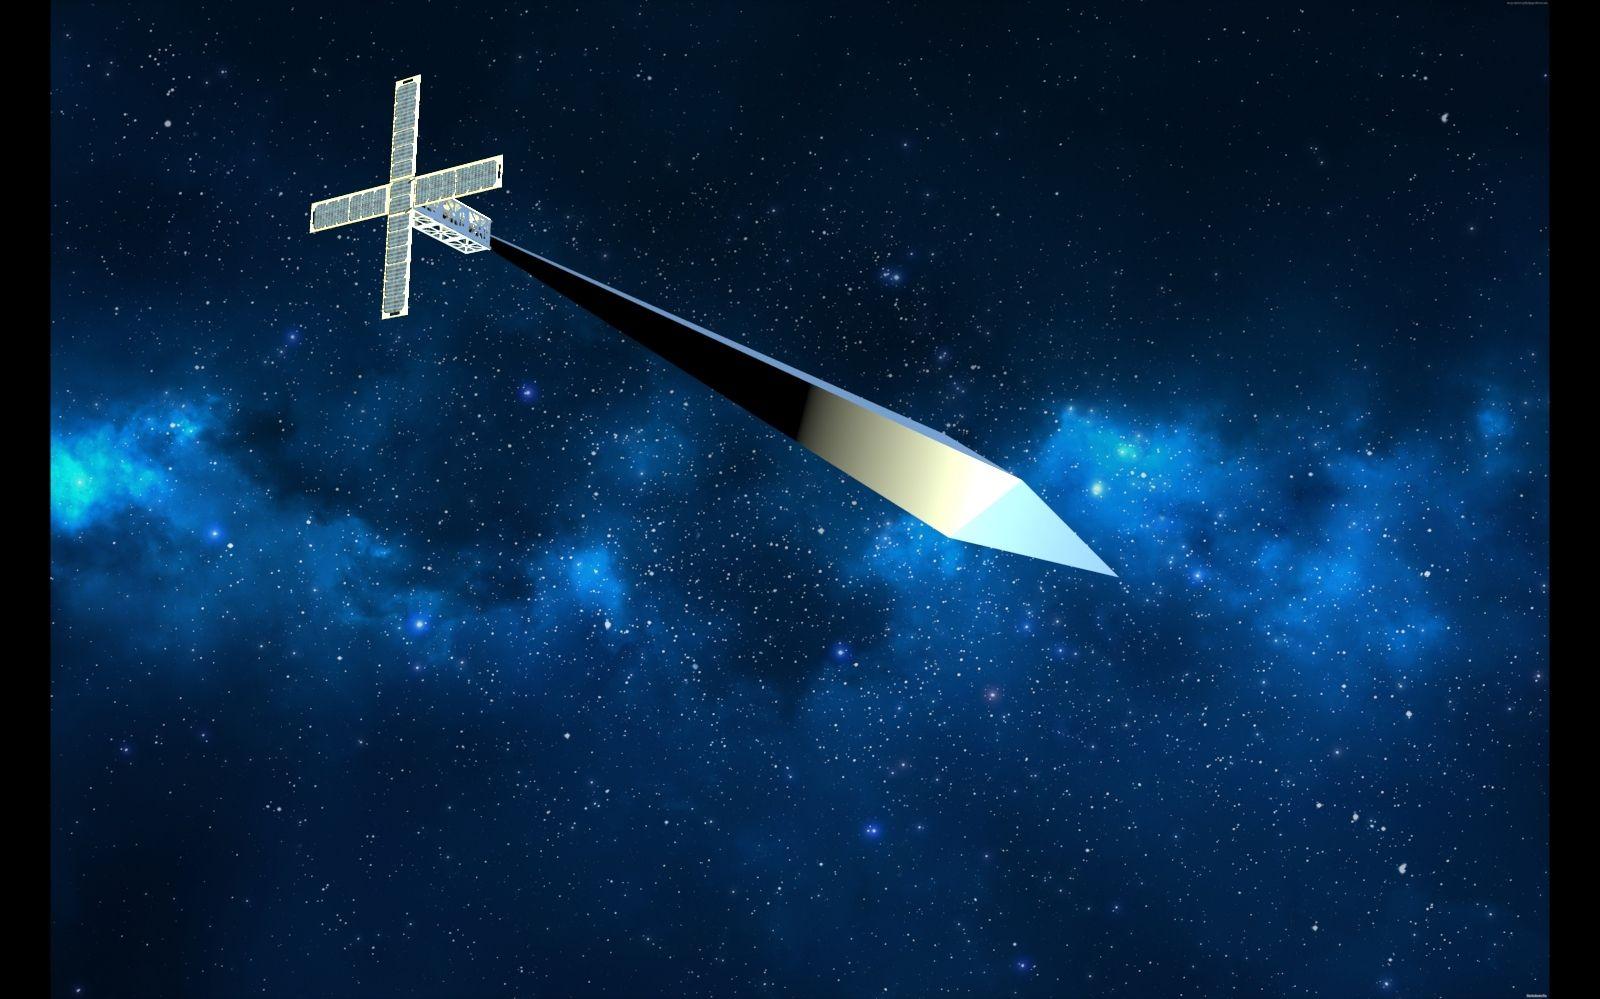 Satelliten-Skulptur soll im All fliegen